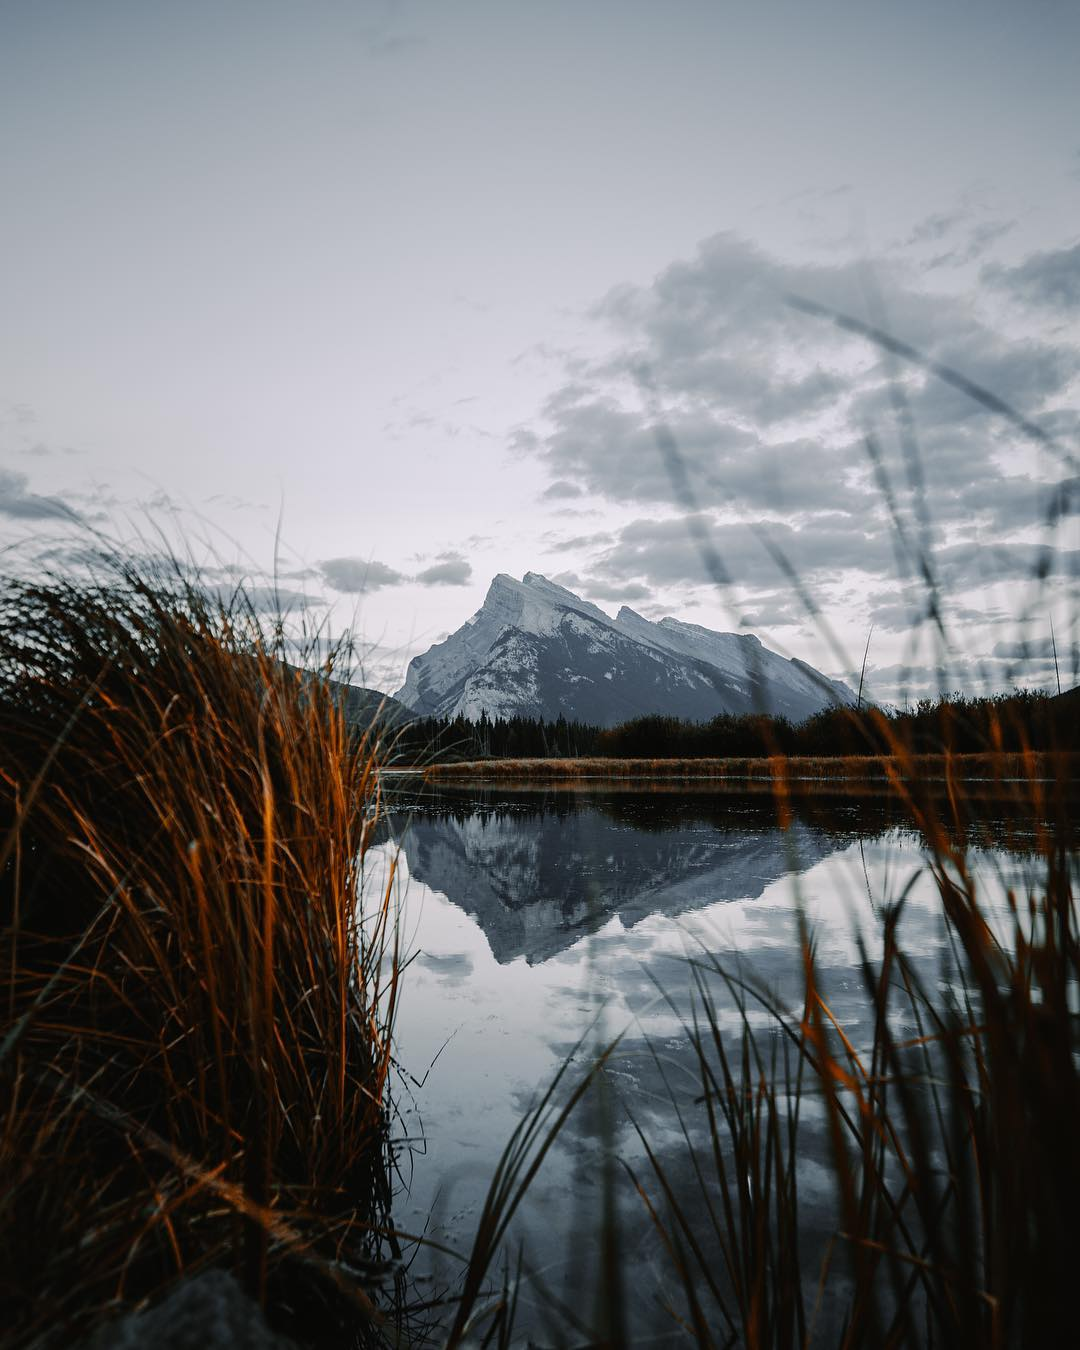 Пейзажи и путешествия на снимках Питера Маккиннона